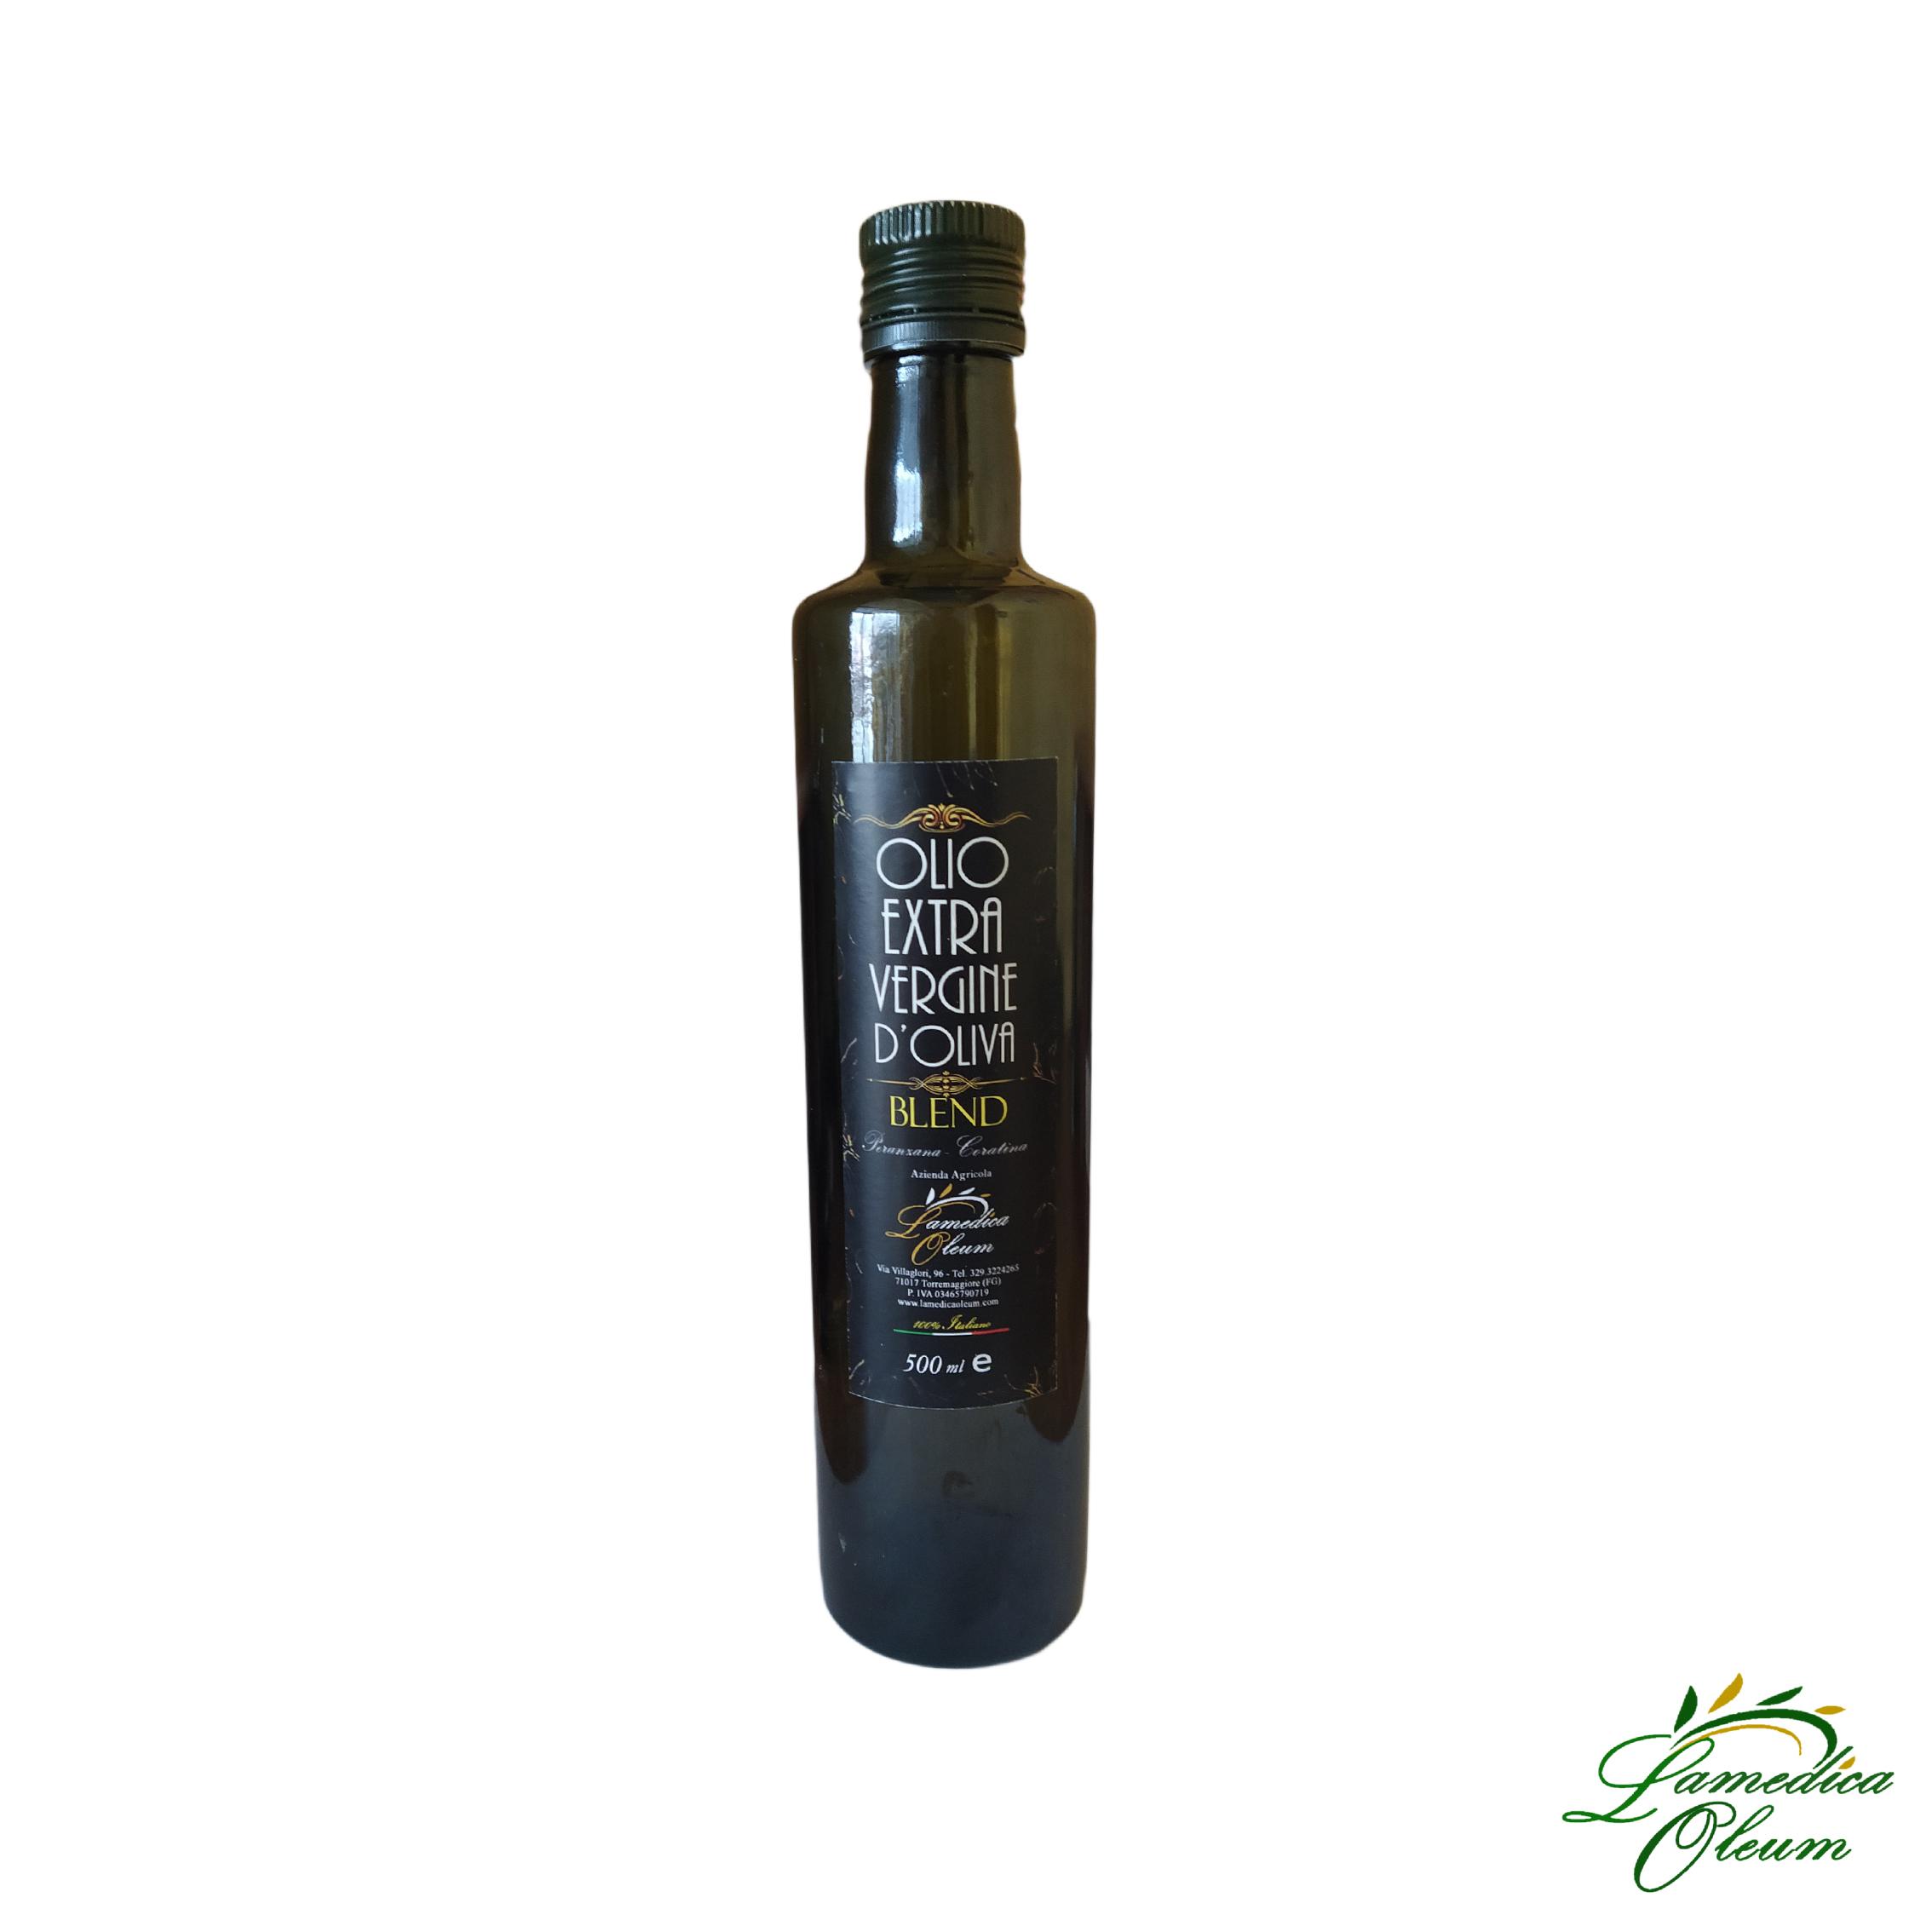 Olio Extravergine d'Oliva Blend Peranzana-Coratina Dorica 500ml